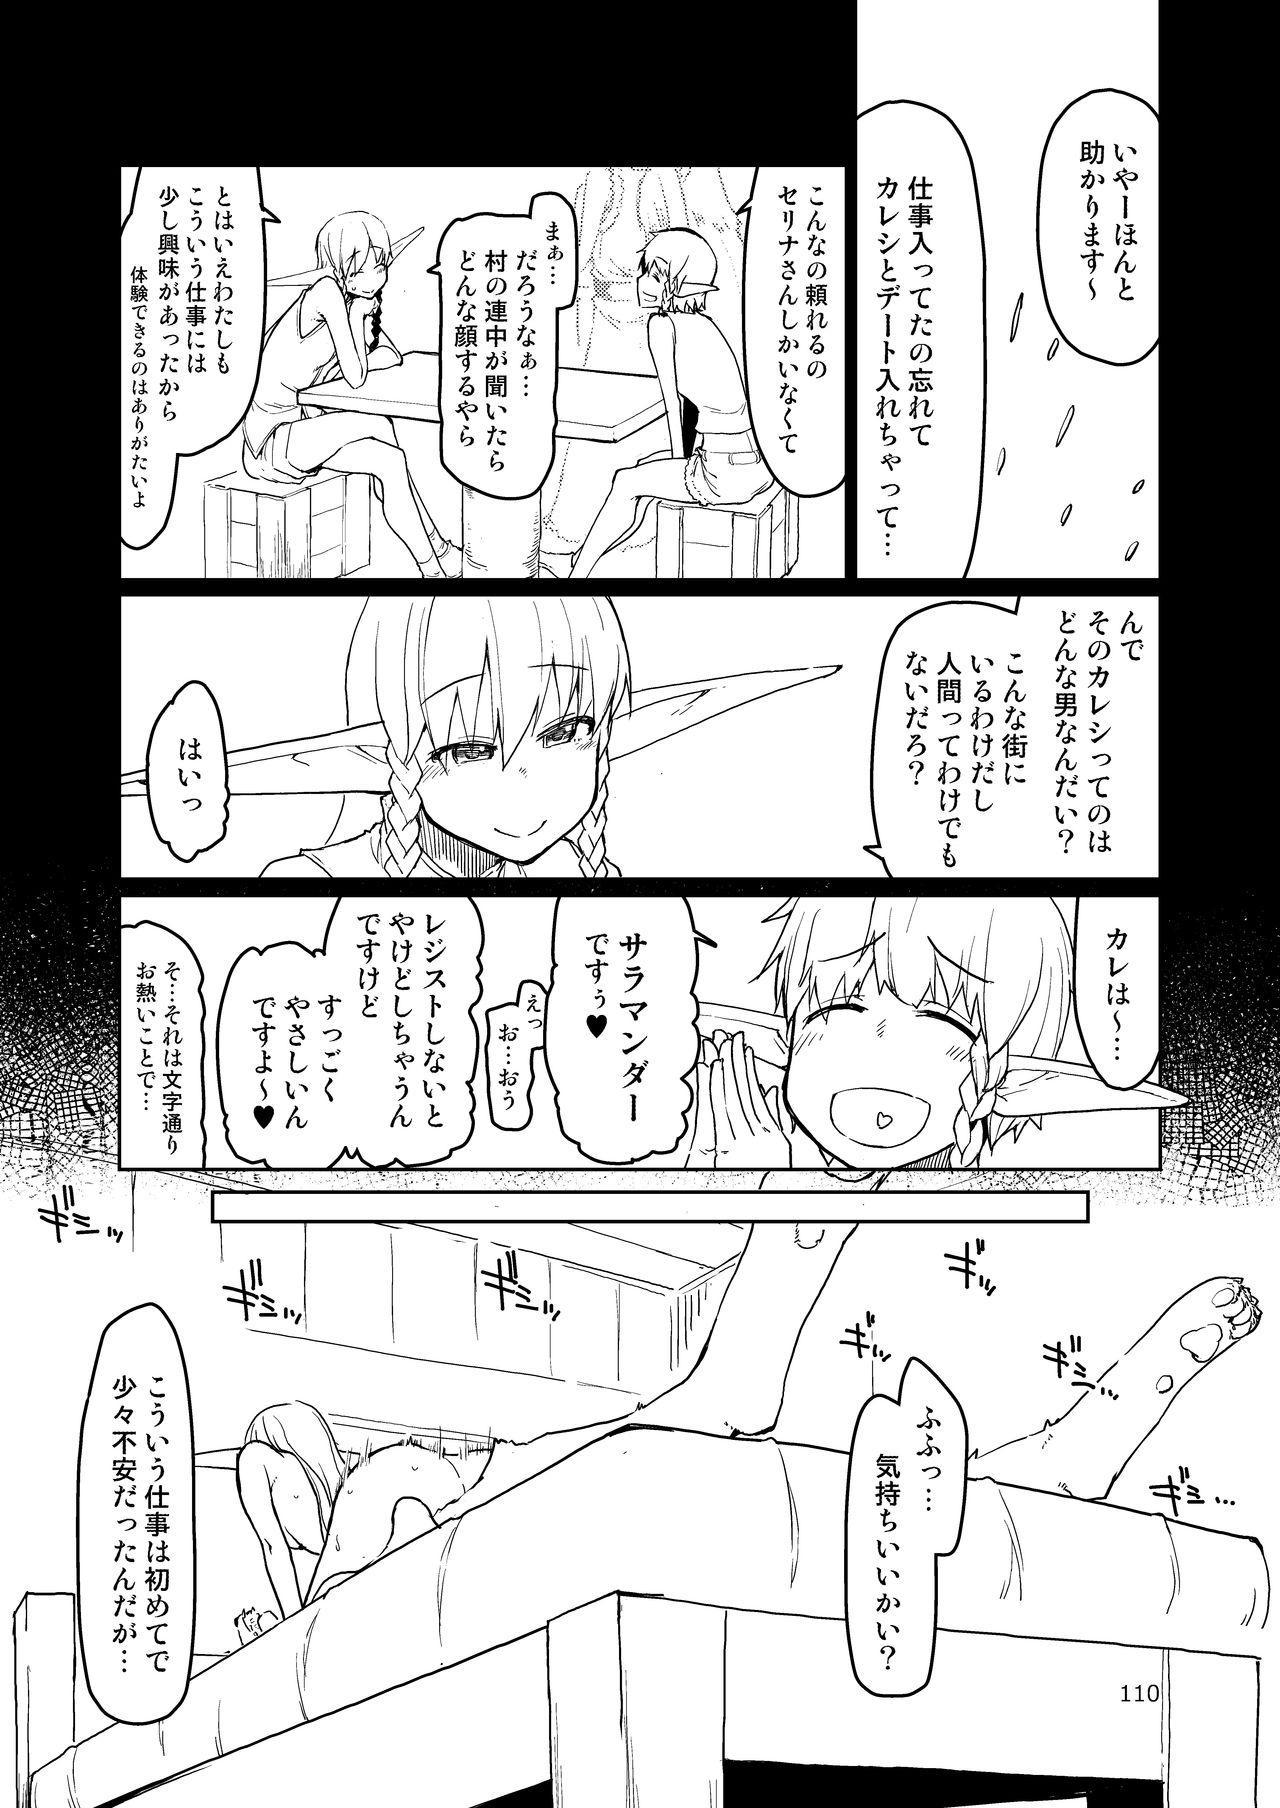 Dosukebe Elf no Ishukan Nikki Matome 2 110